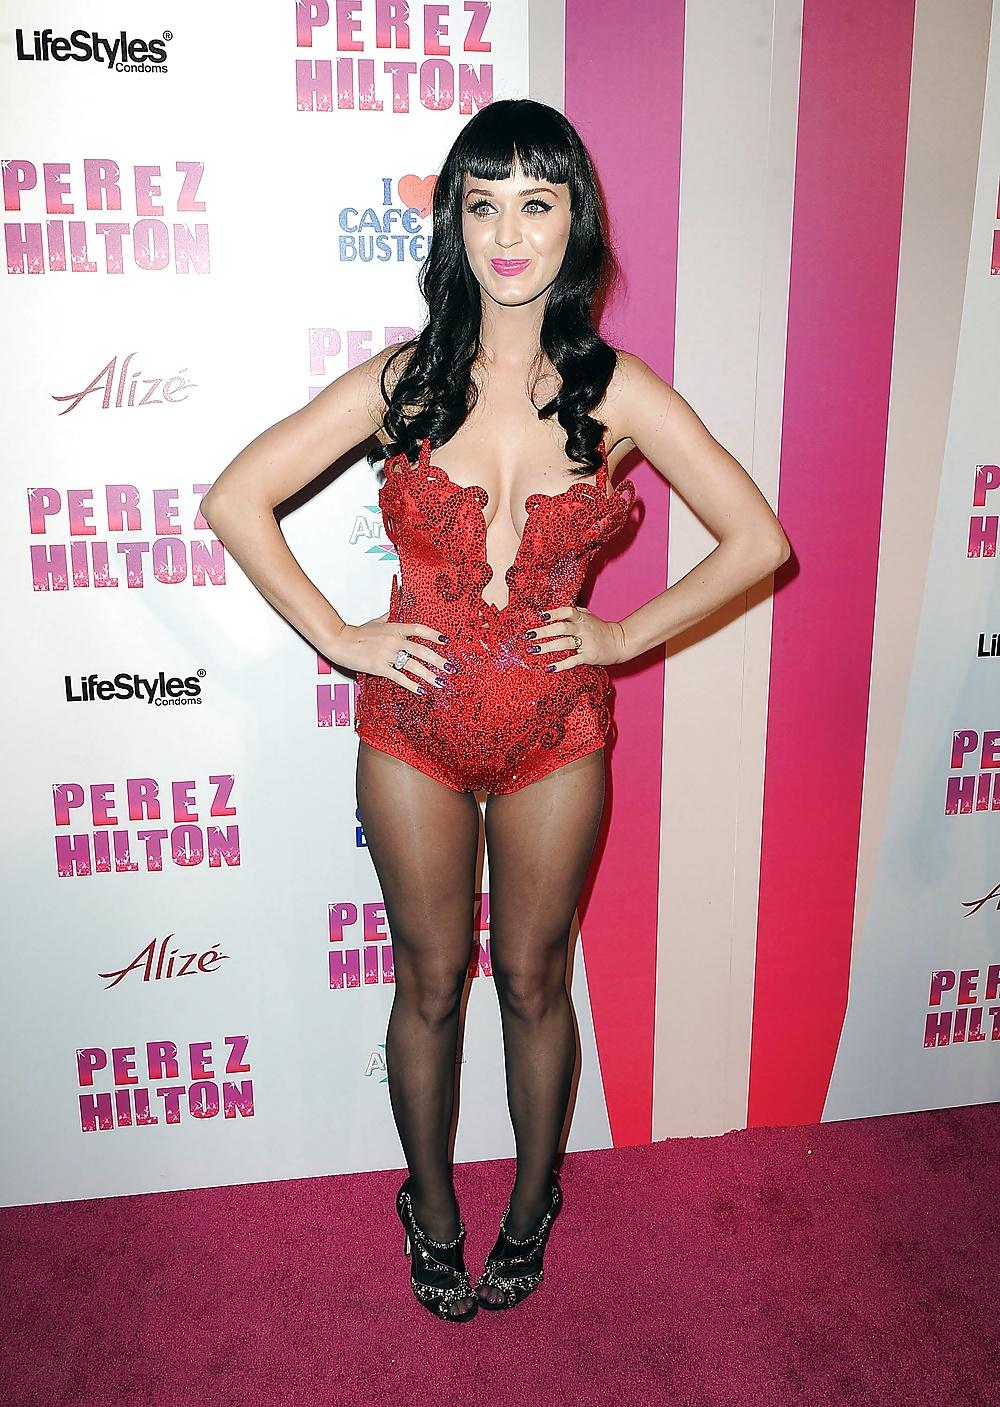 Katy perry always wears pantyhose, playmate gitls nude images